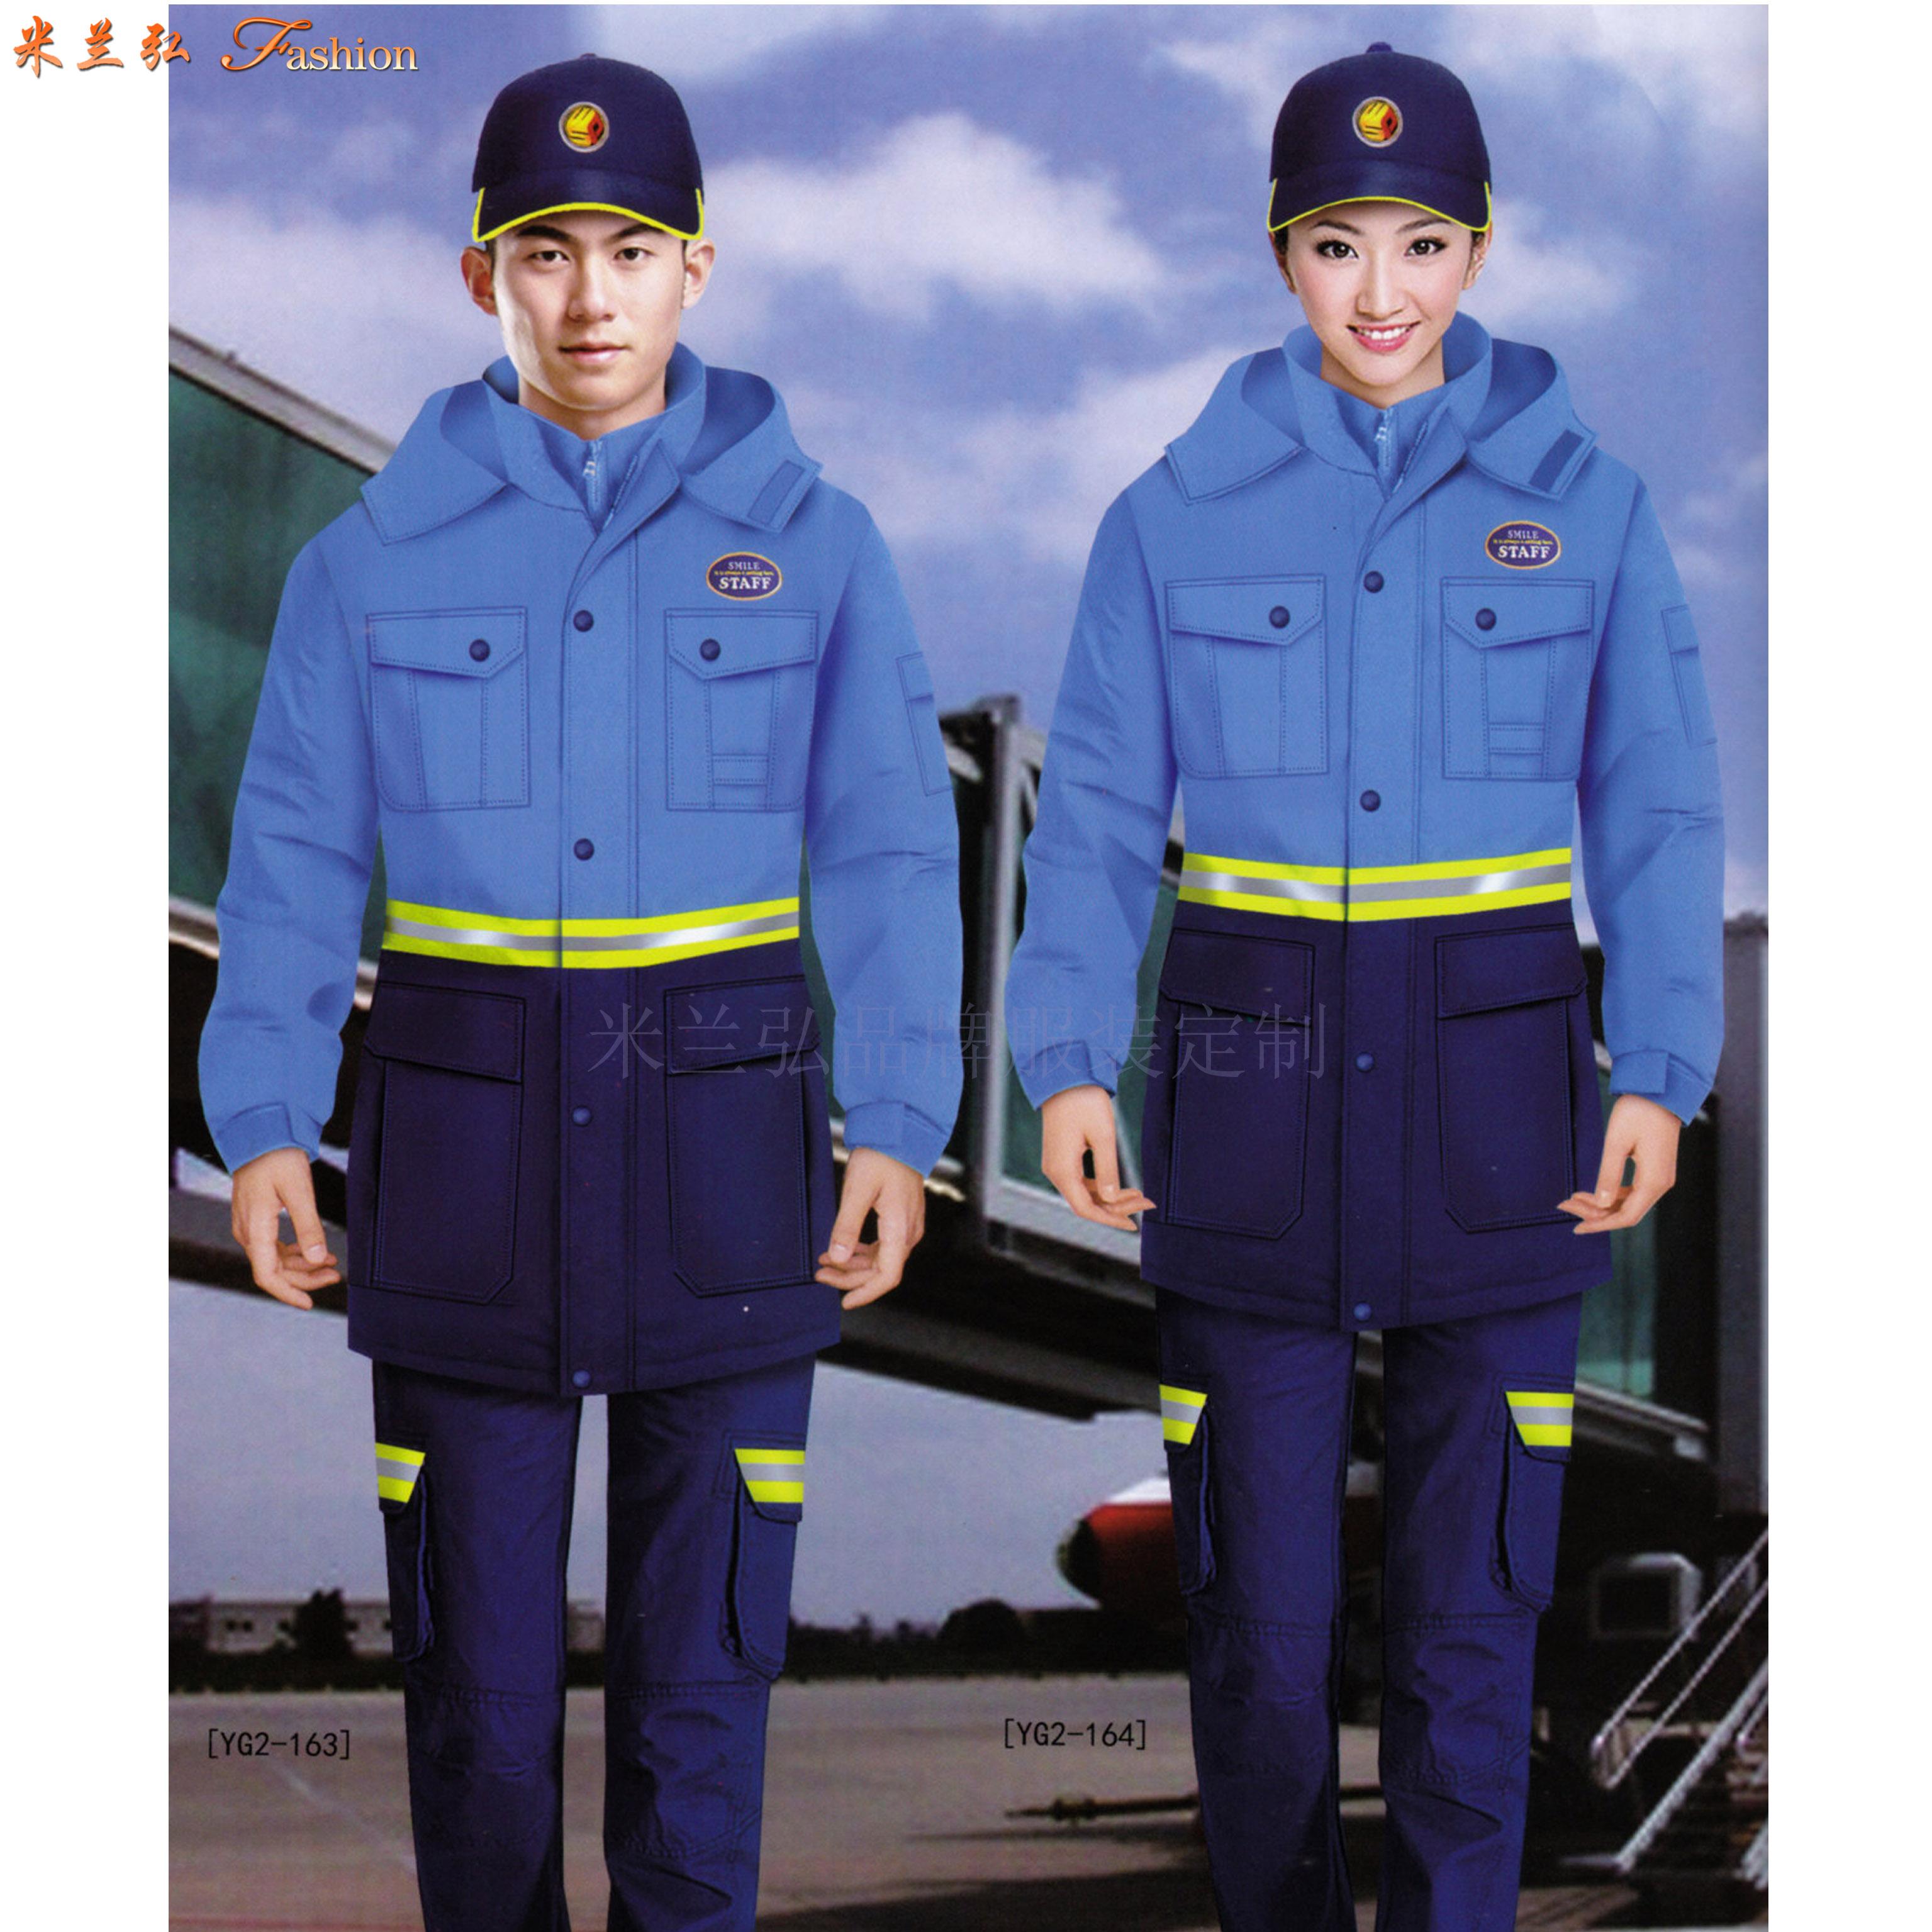 鐵路冬季工作服定做_鐵路維修工程服訂做-米蘭弘服裝廠家-4